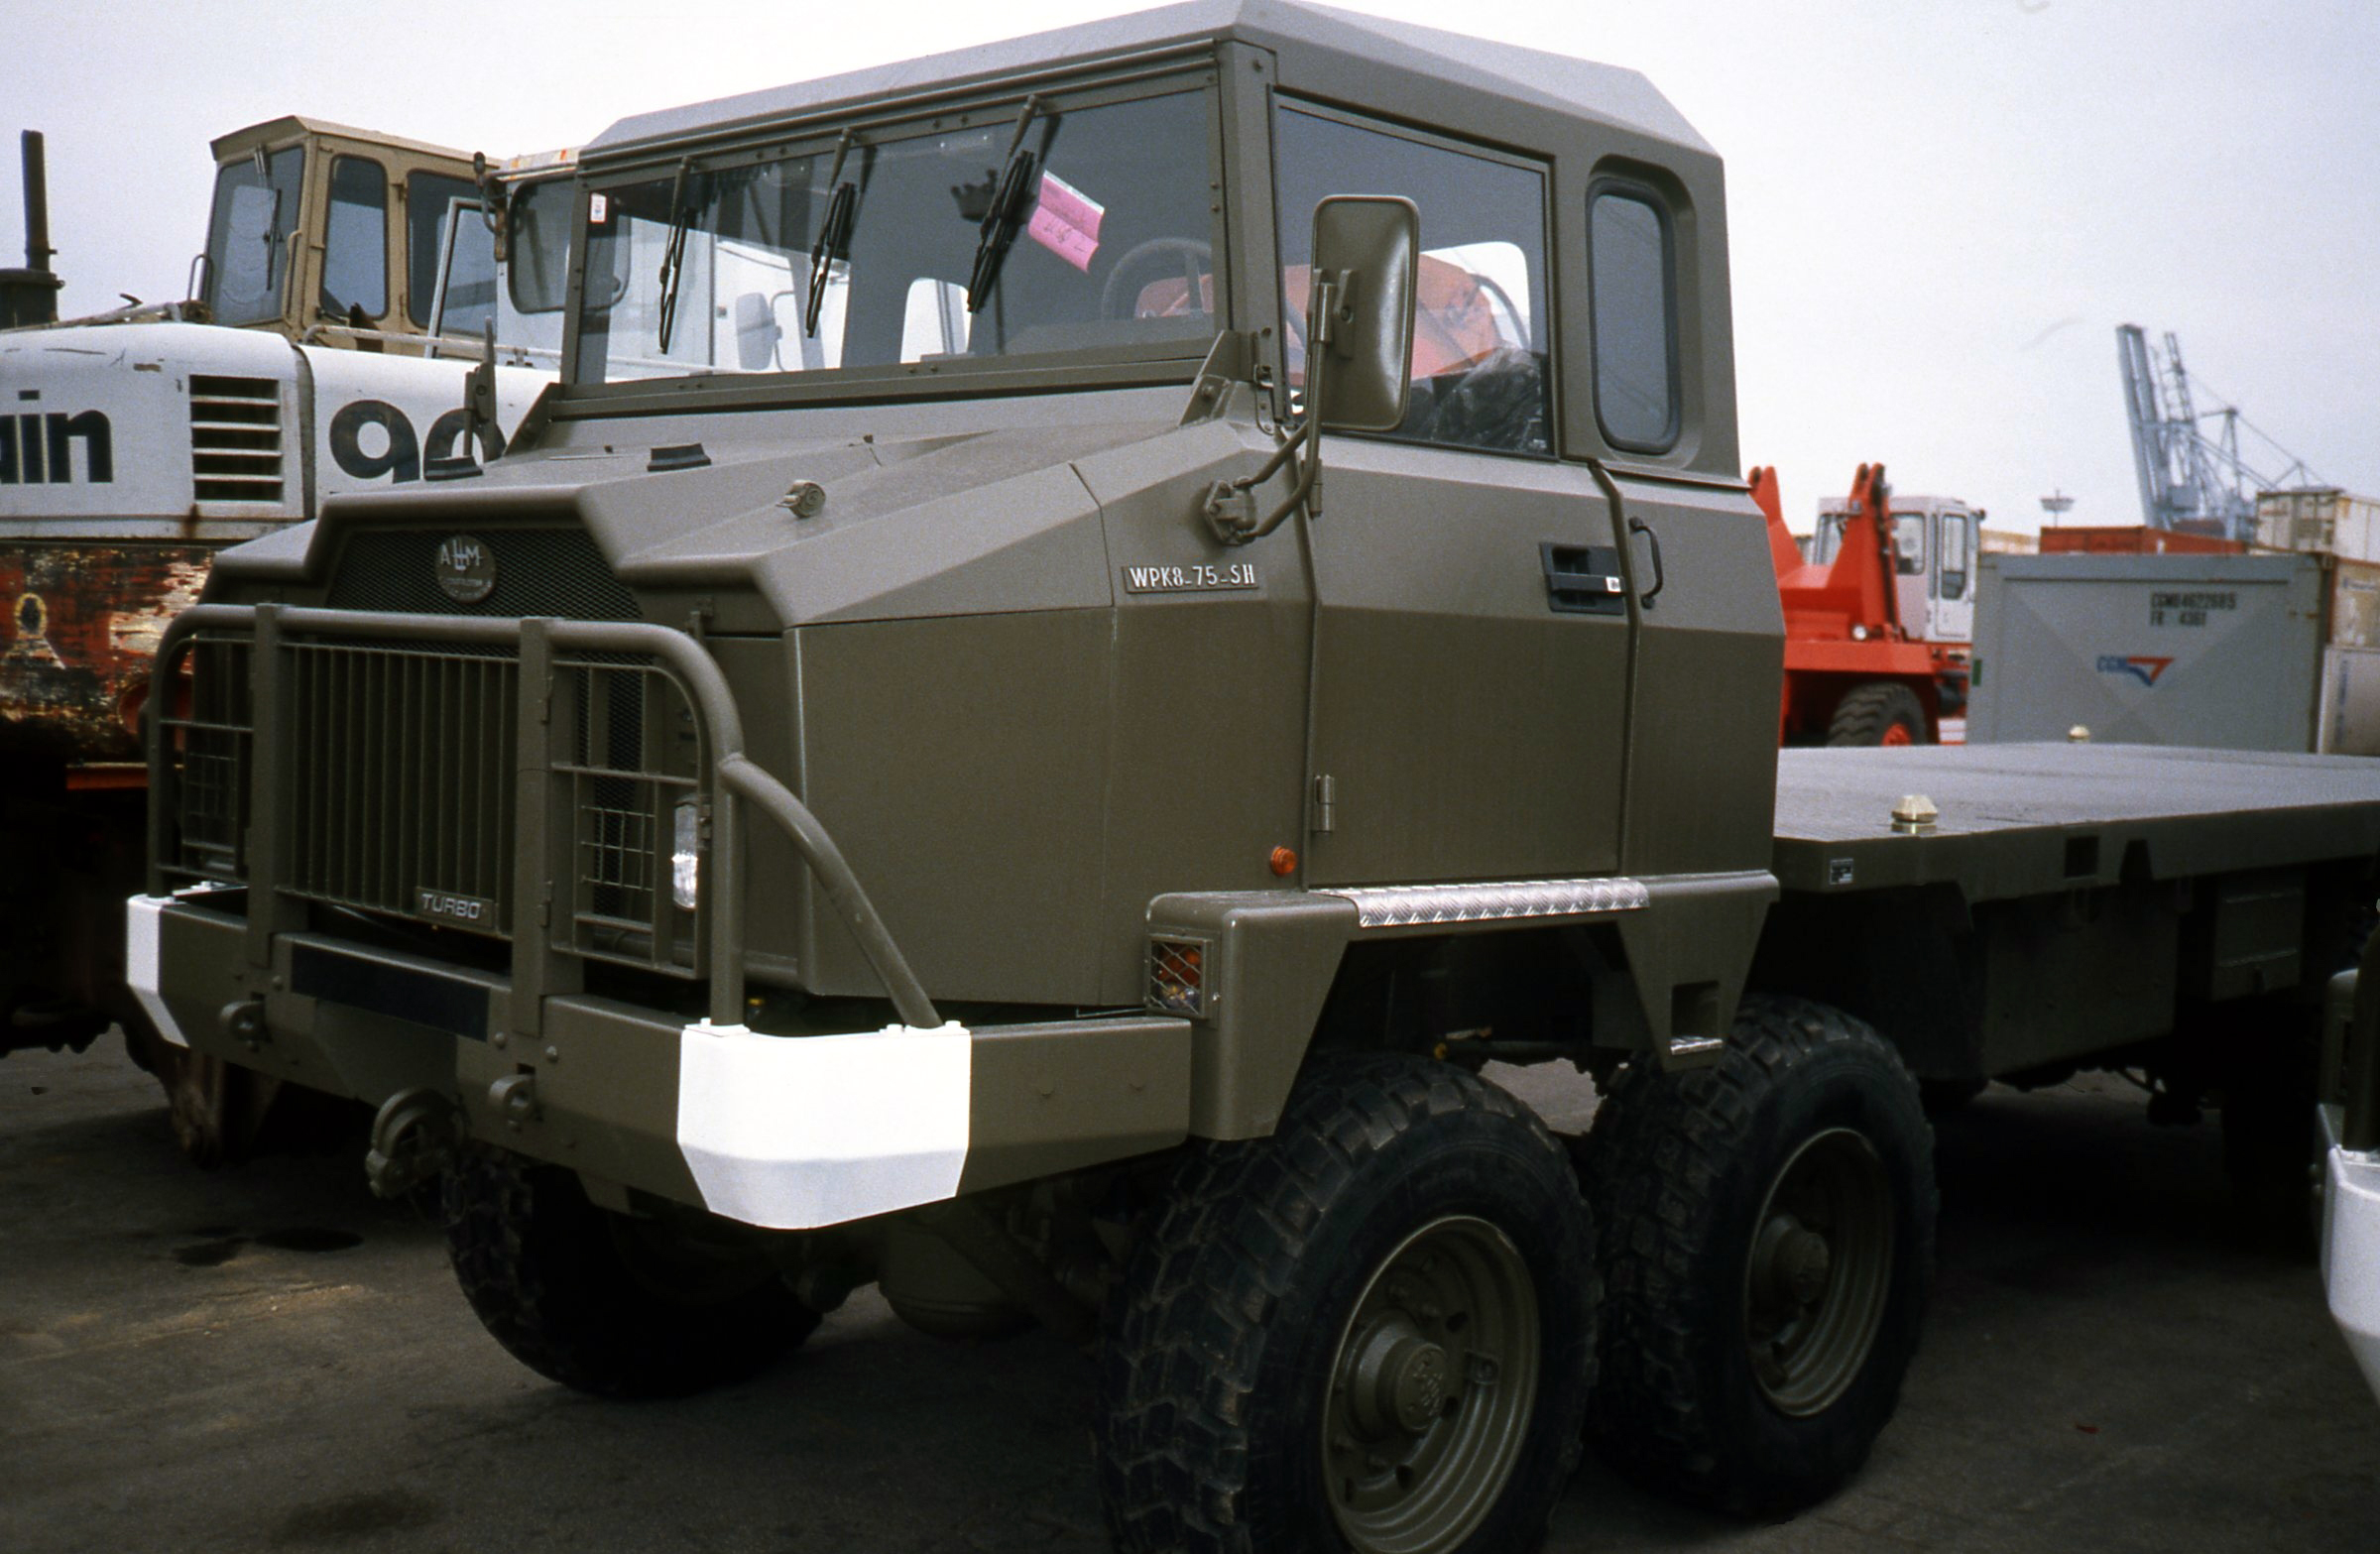 Photos - Logistique et Camions / Logistics and Trucks - Page 6 34063867074_dbd86efc1c_o